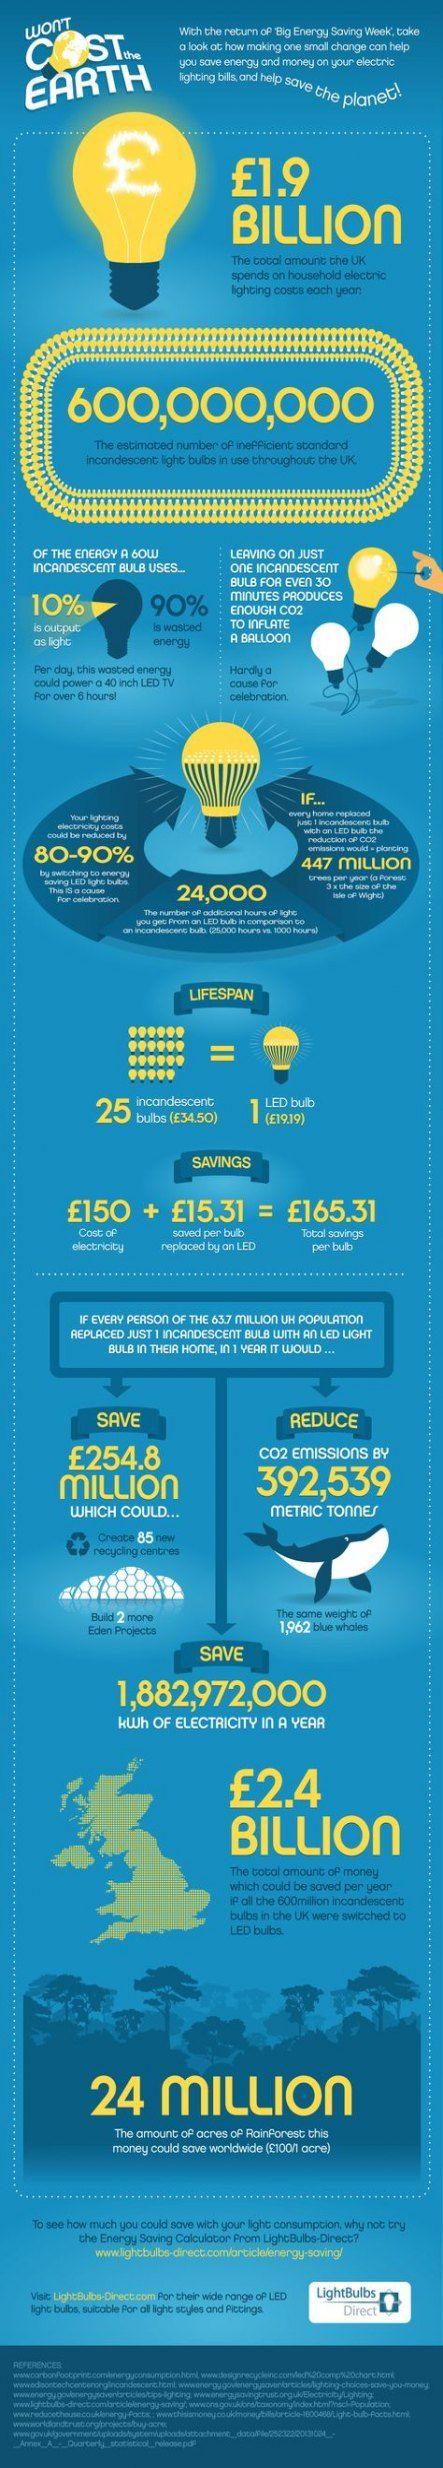 New Led Lighting Home Lightbulbs 39+ Ideas | Led lighting ...